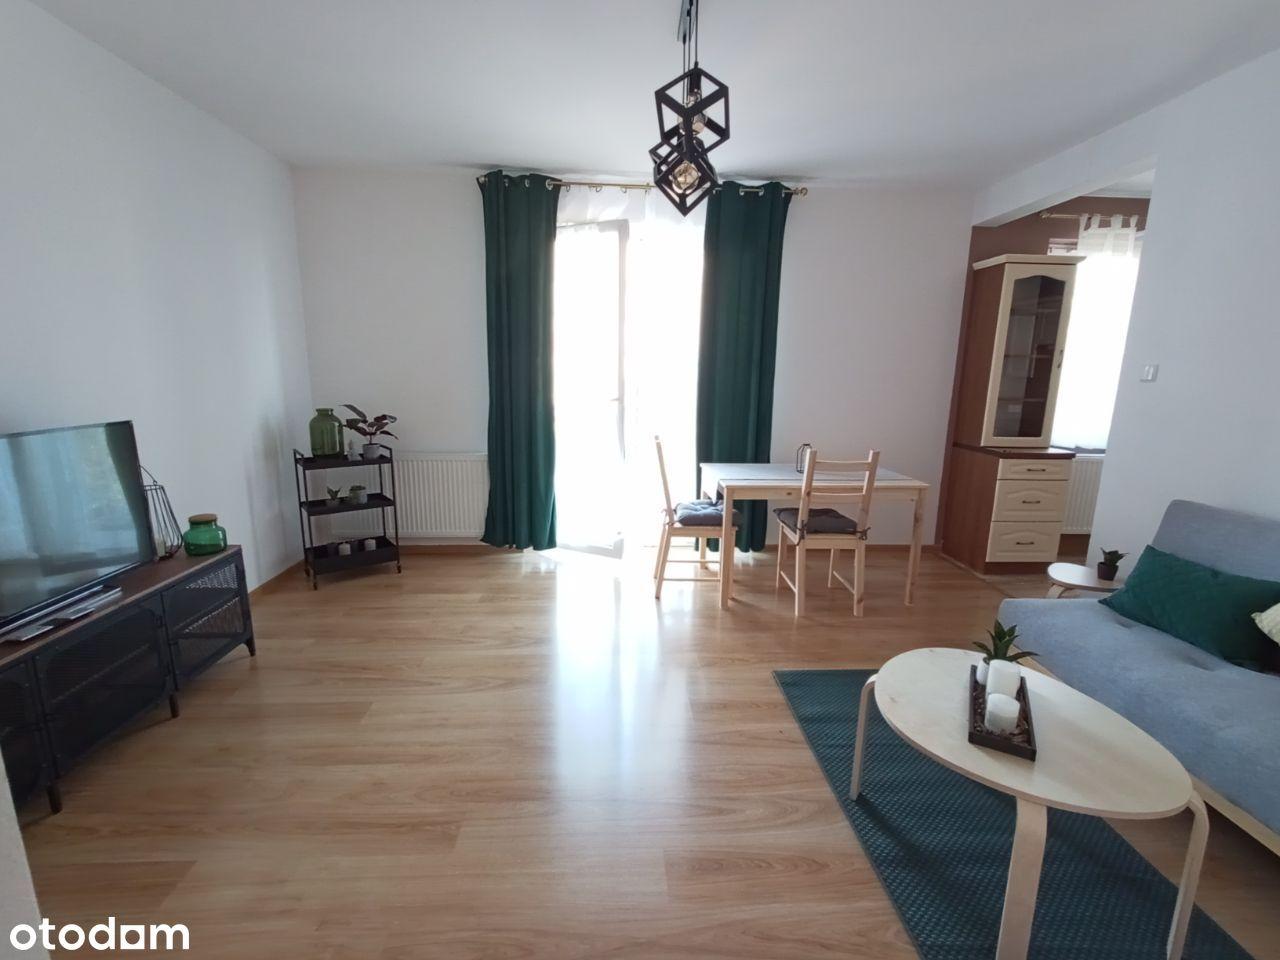 Komfortowe mieszkanie do wynajęcia Chorzów